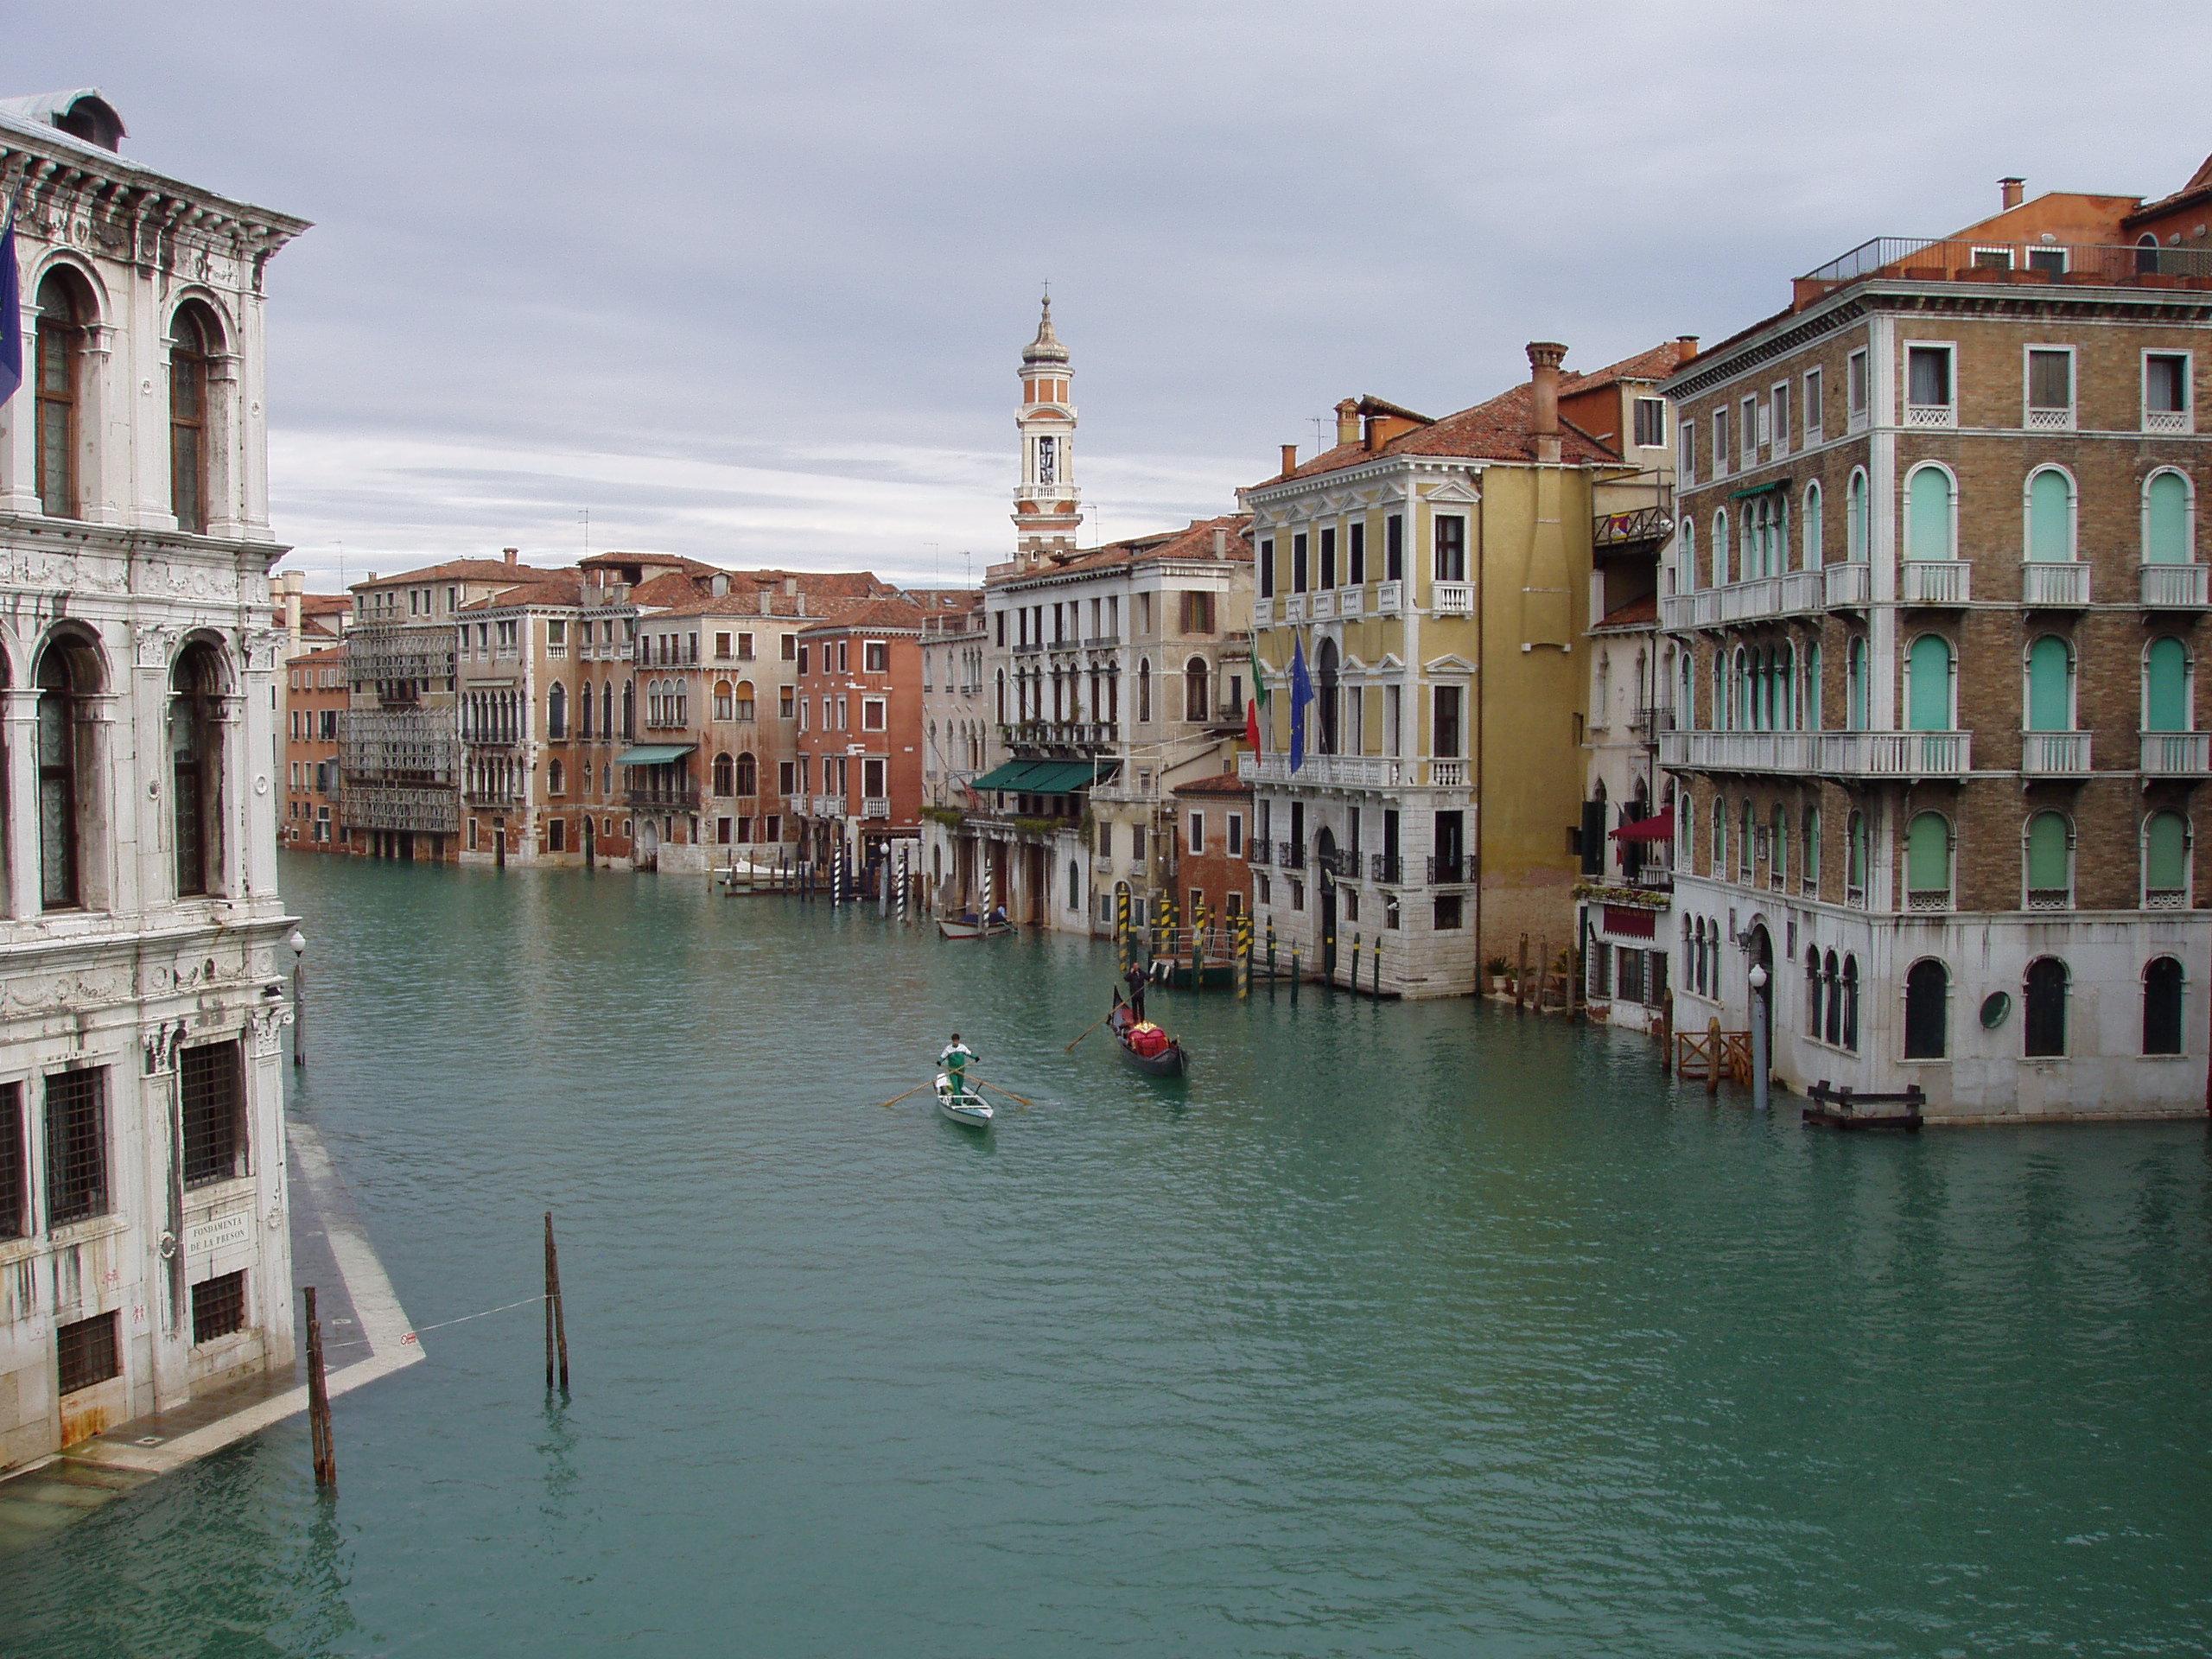 Asselio Assurances - Venise